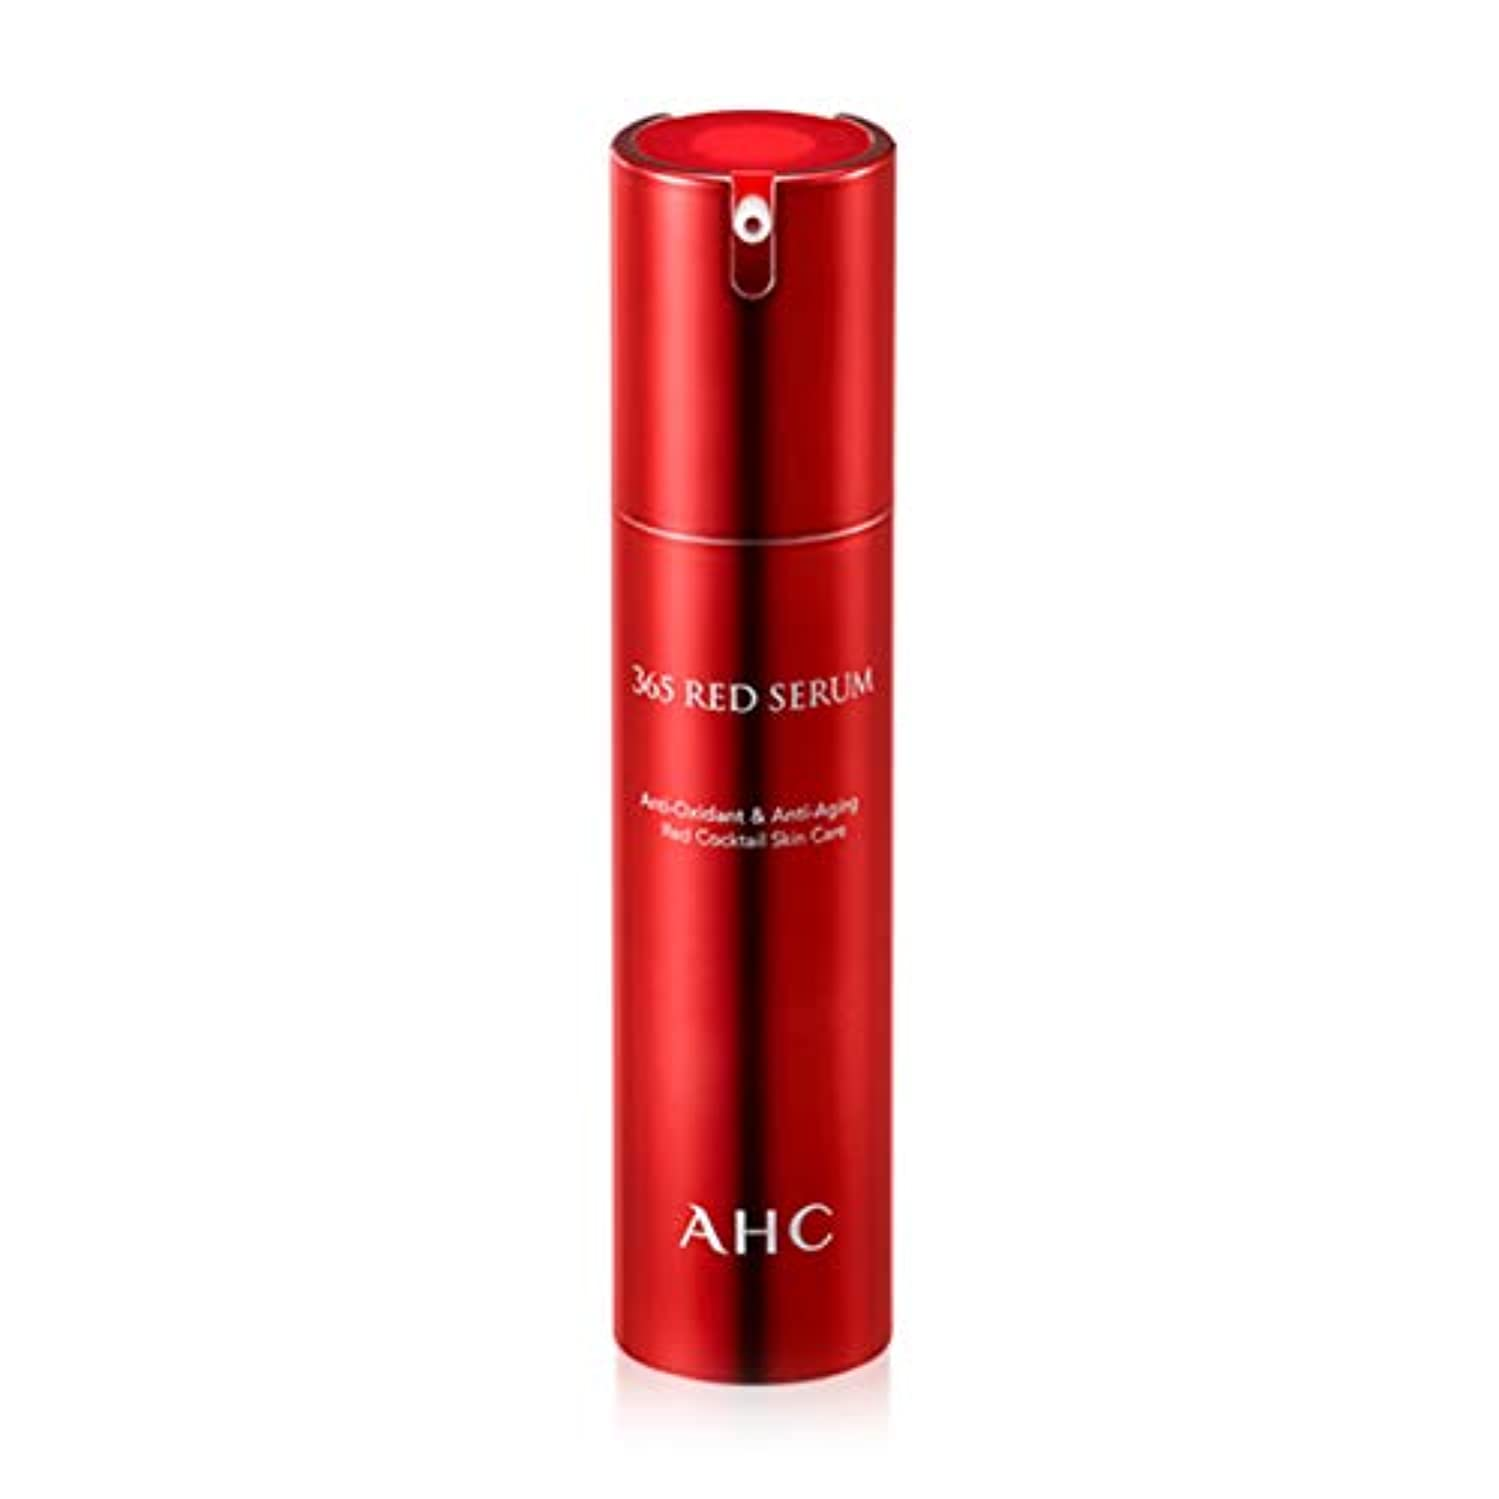 記憶デッドロック犠牲AHC 365 Red Serum AHC 365 レッド セラム 50ml [並行輸入品]